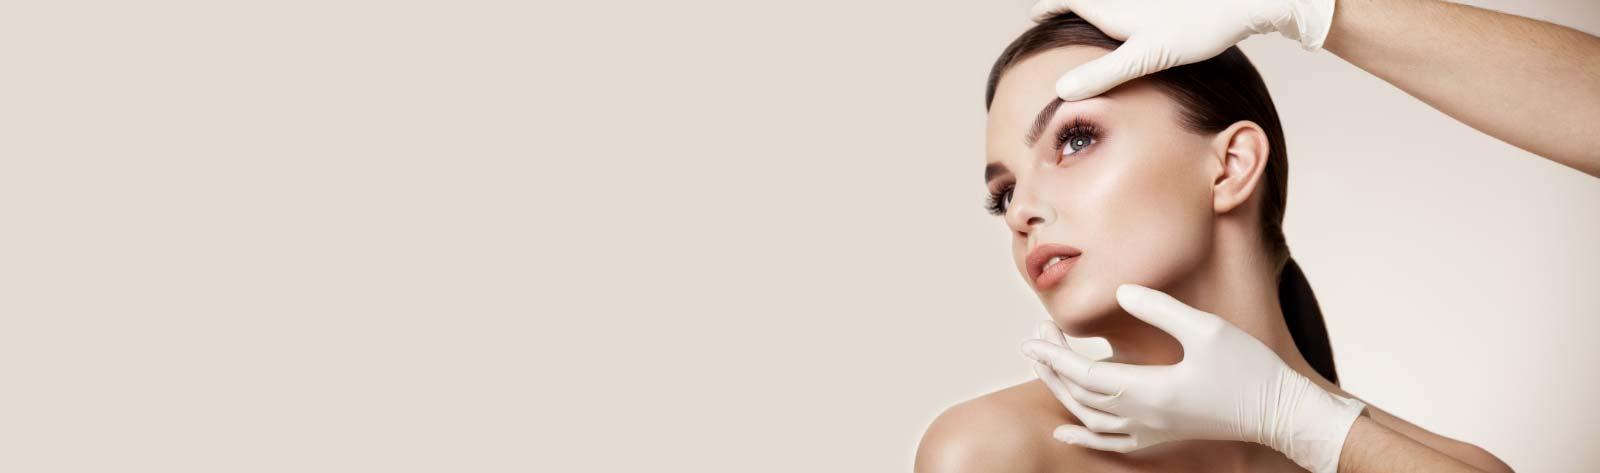 5 sposobów na szybszy powrót do formy po liftingu twarzy